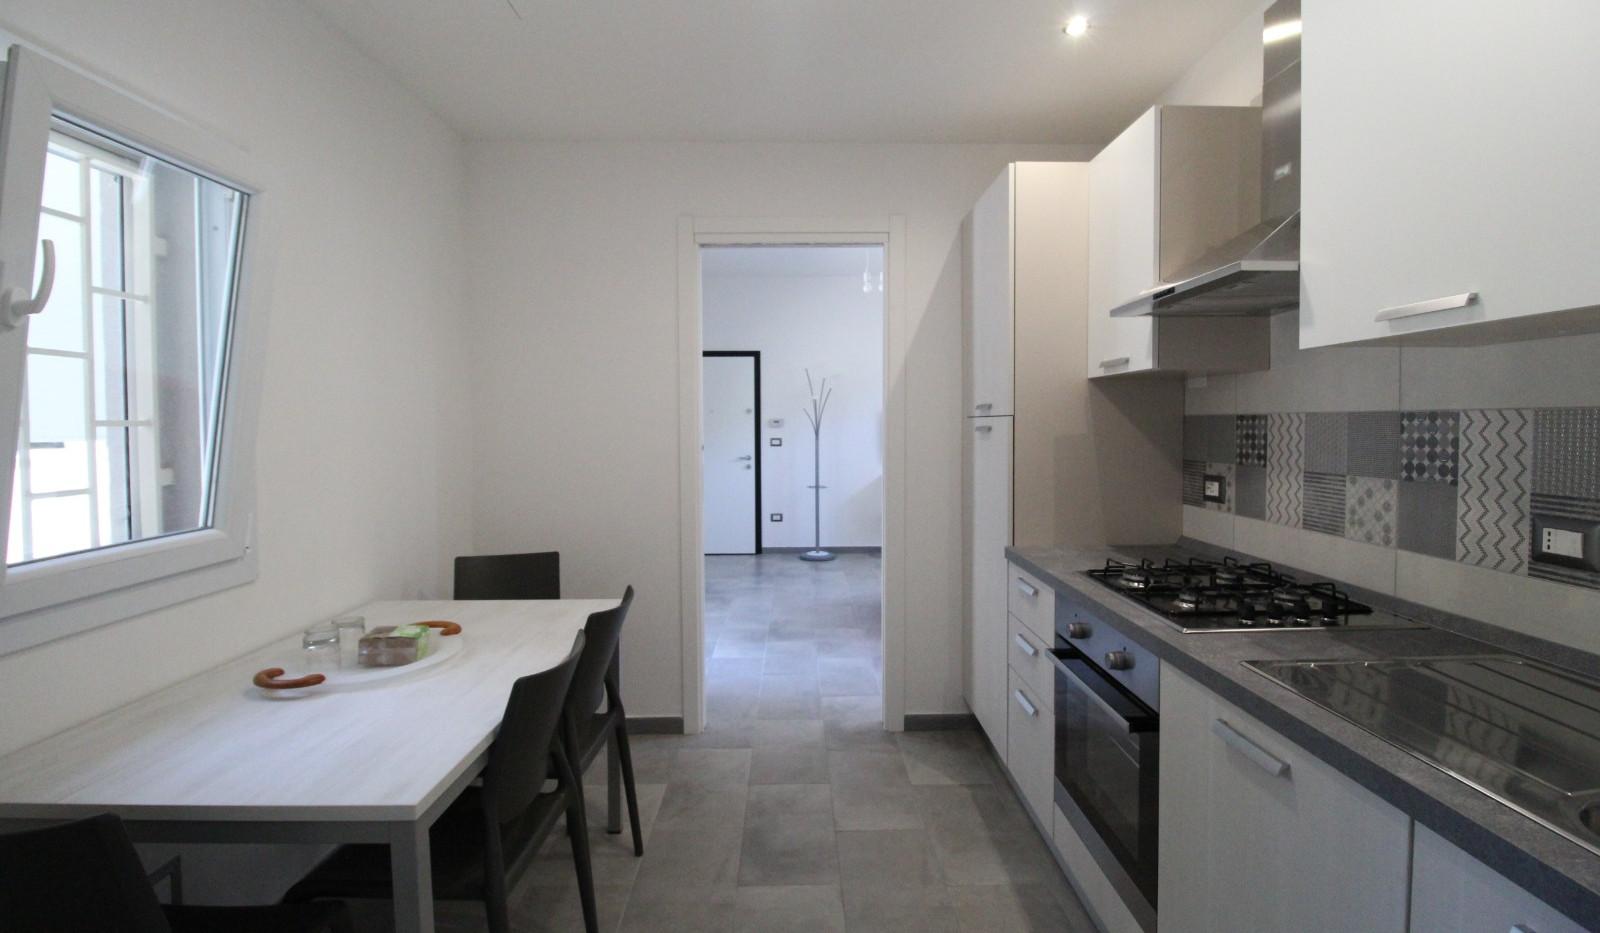 cucina4.jpg